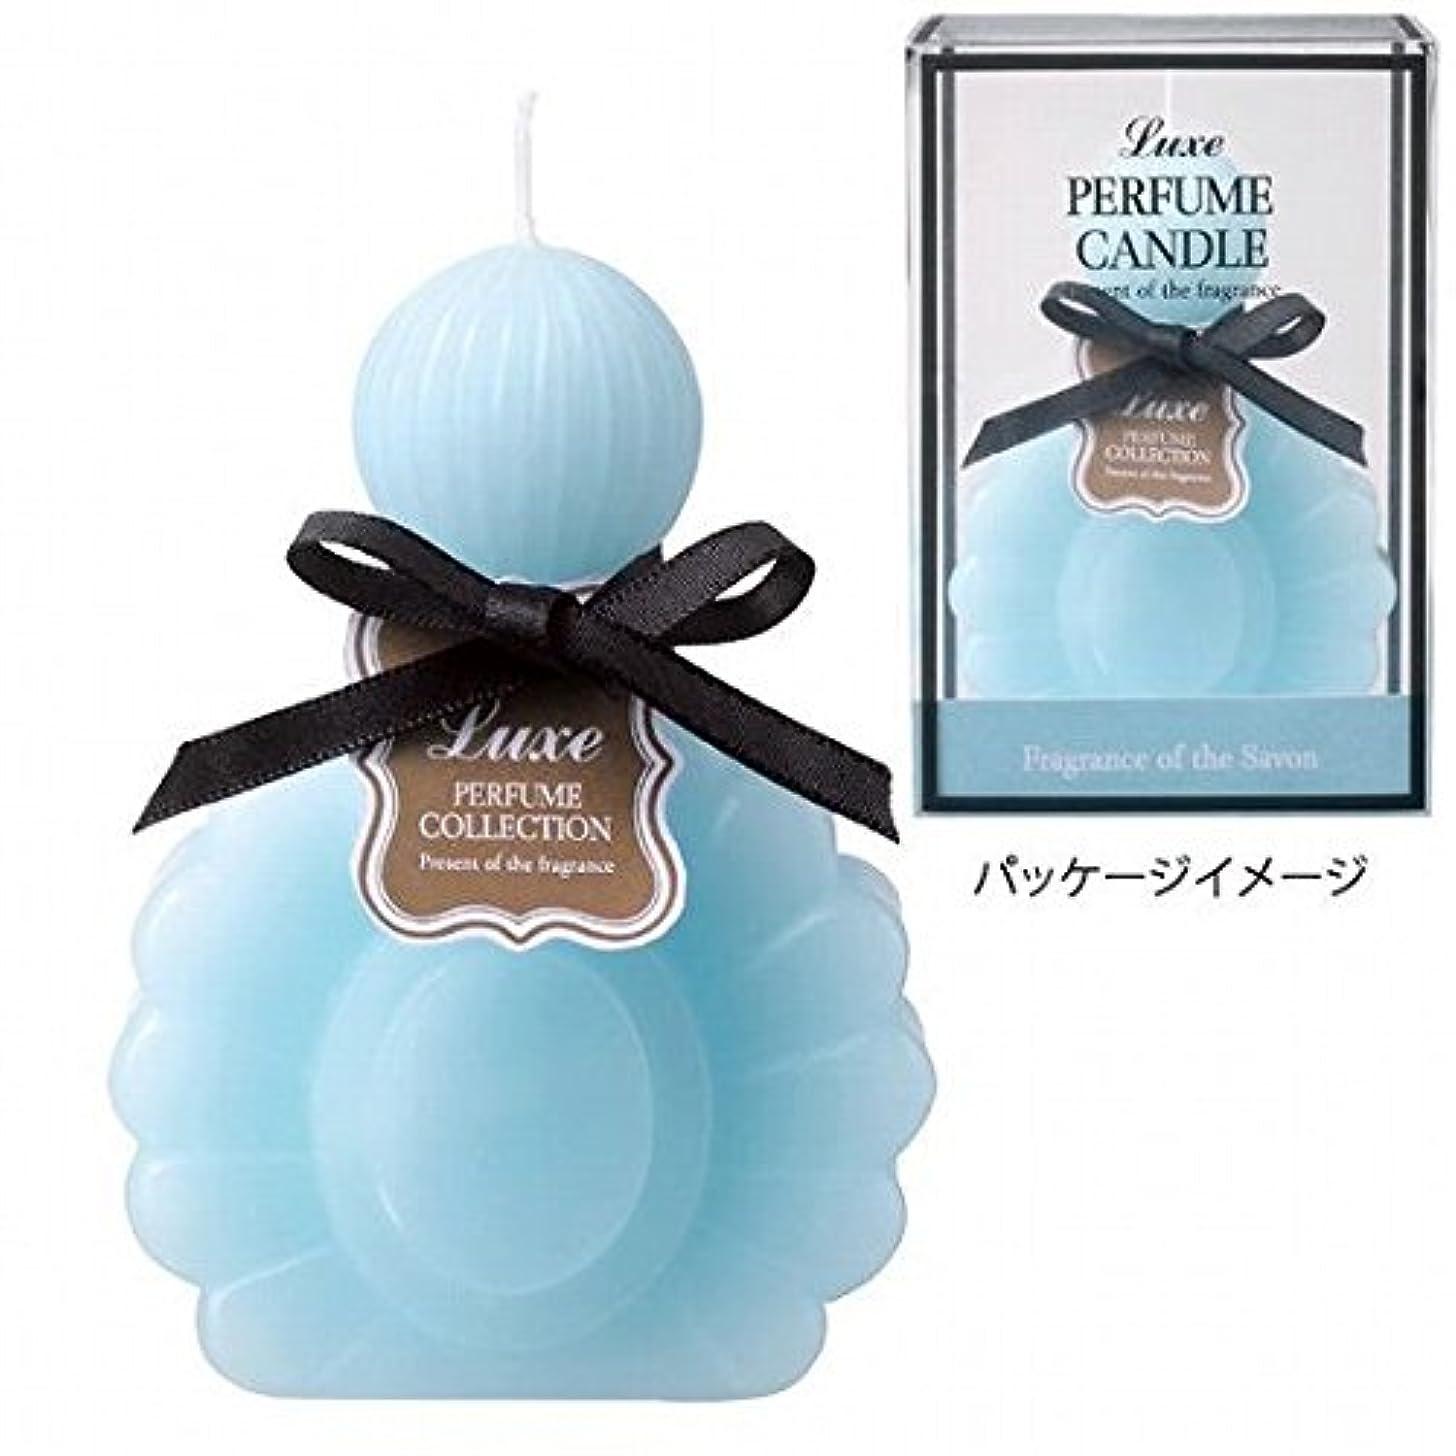 ブランチワーカー高度なkameyama candle(カメヤマキャンドル) パフュームキャンドル 「 サボン 」(A4550520)